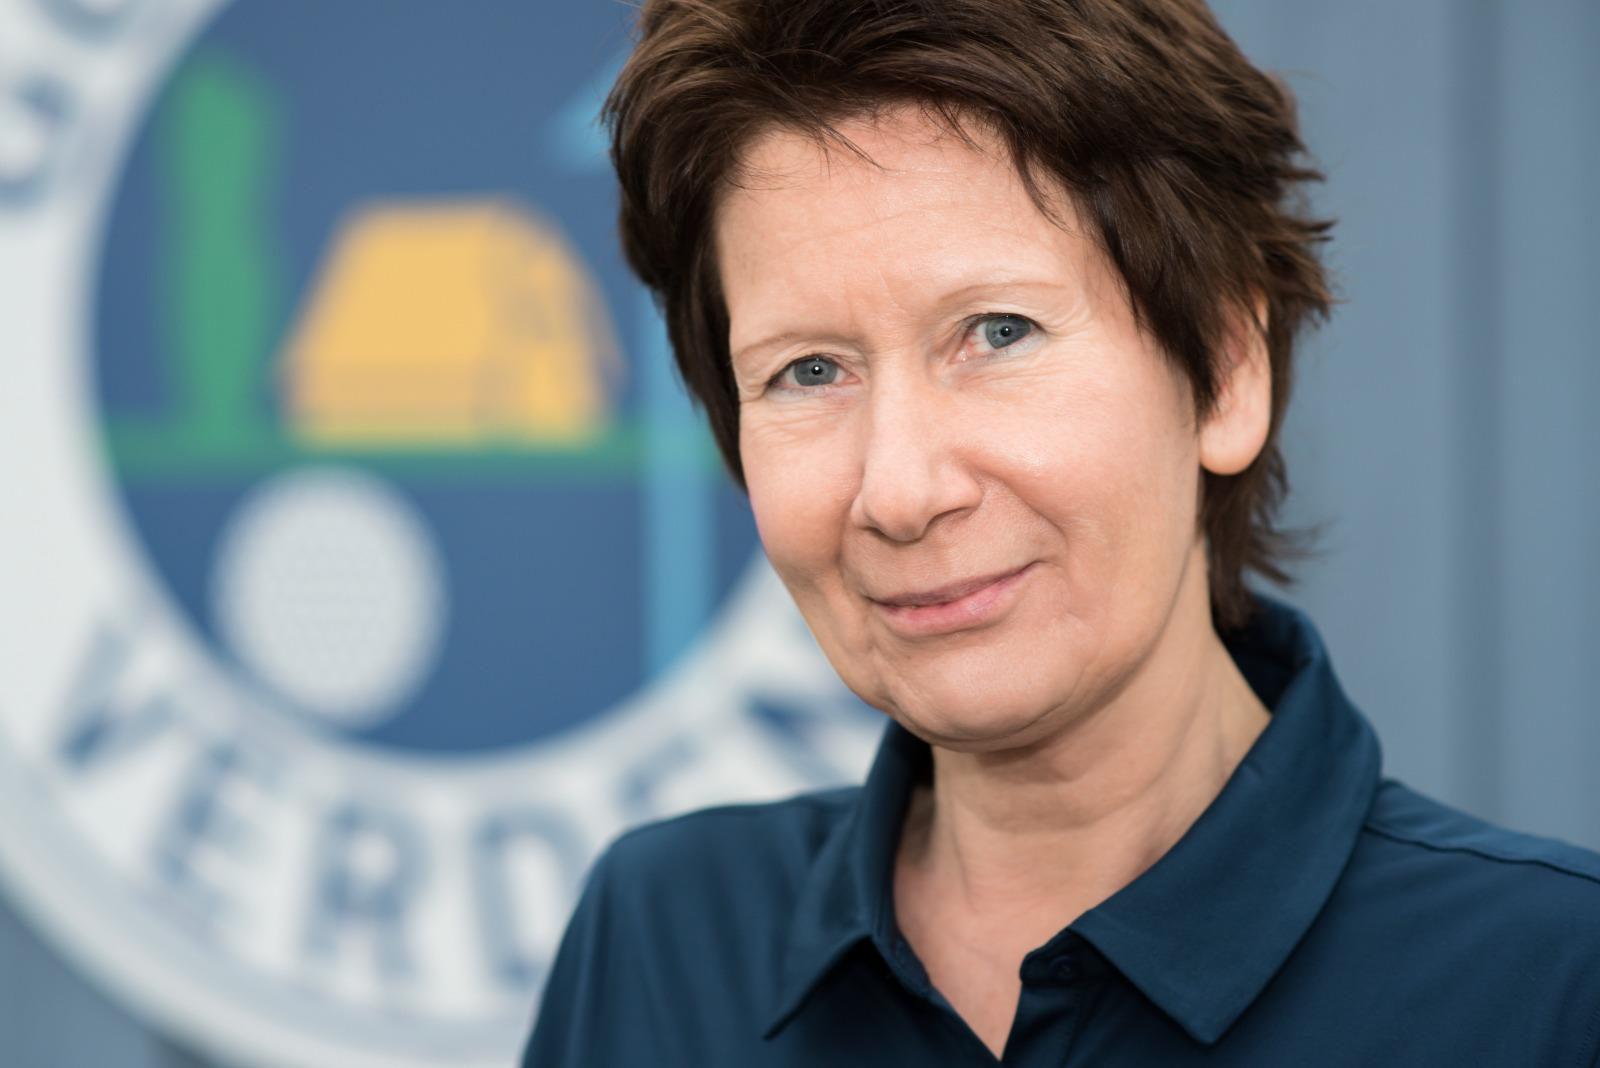 Karin Lenz